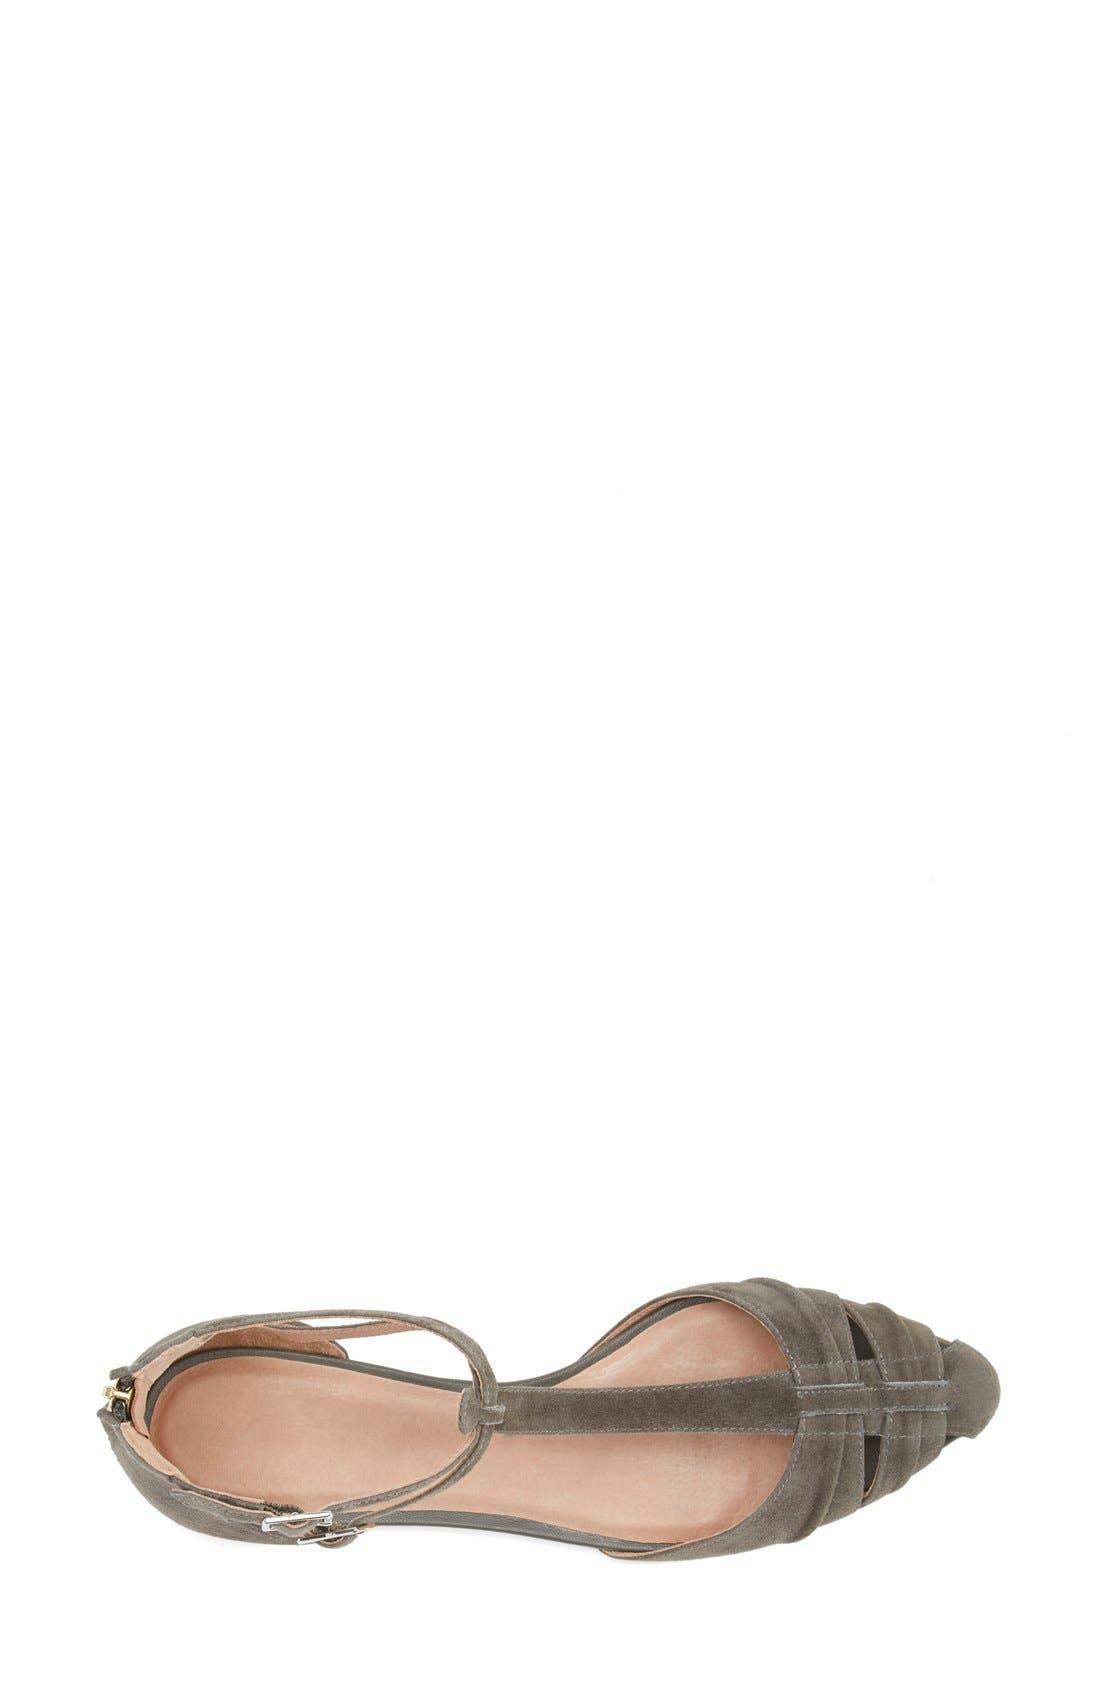 Alternate Image 3  - Joie 'Agnes' T-Strap Sandal (Women)